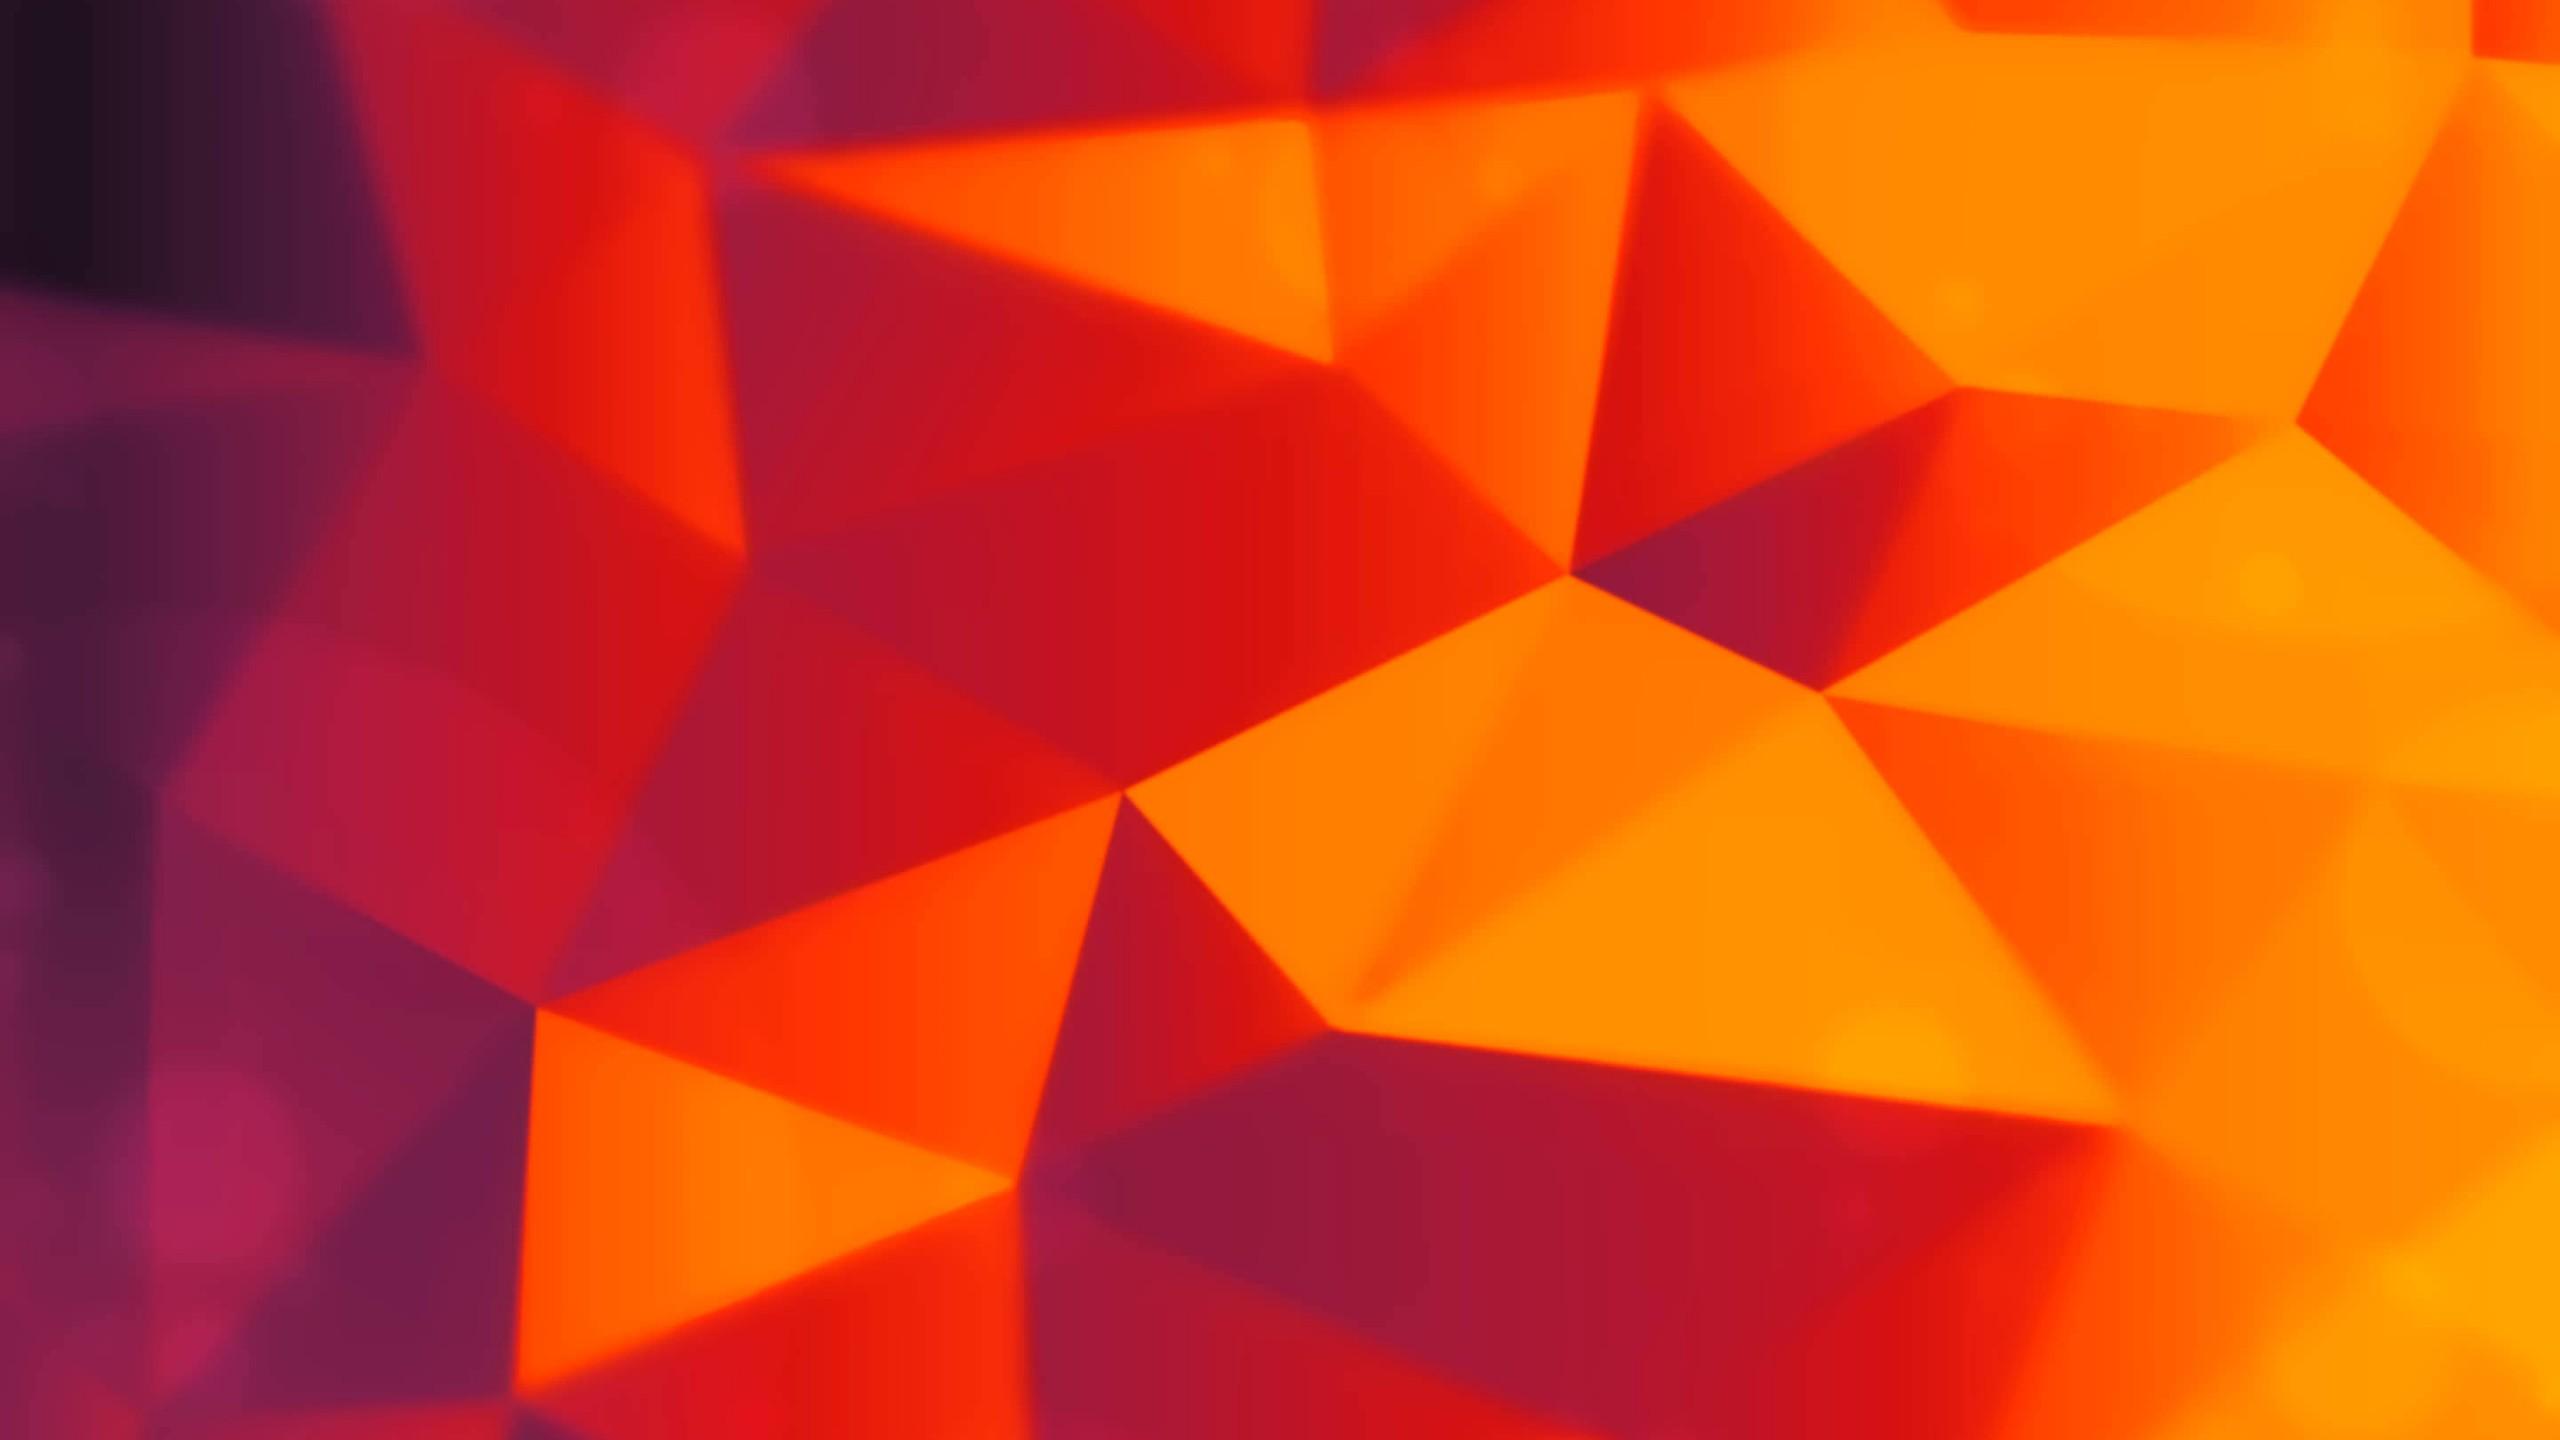 Orange Wallpaper 33 Full HDQ Cover Orange Photos In HDQ 2560x1440